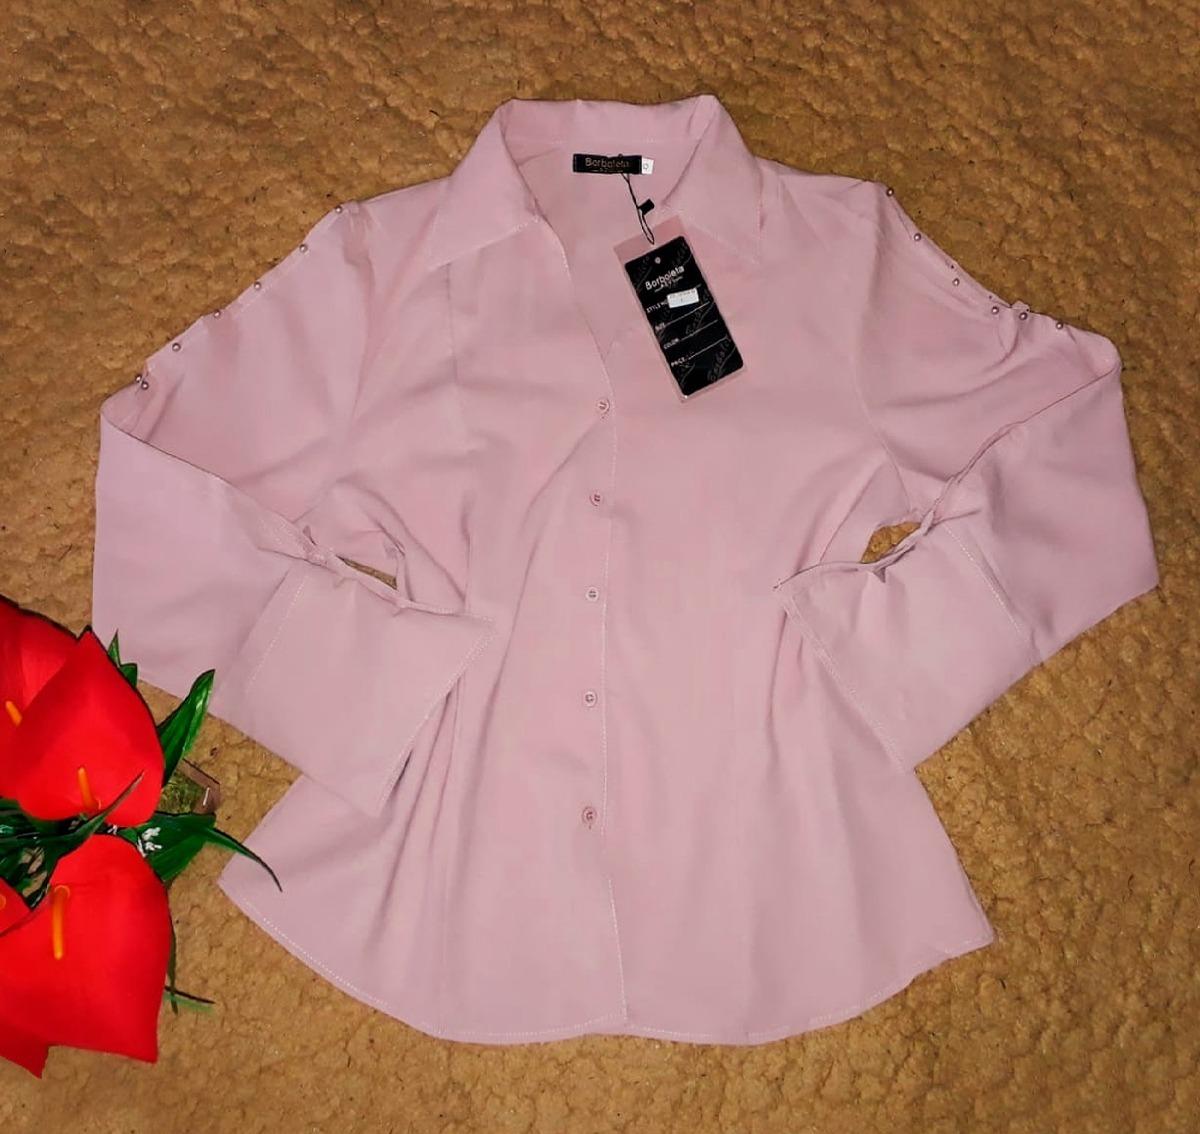 e549d4d0e blusa camisa social feminino manga longa moda evangelica. Carregando zoom.